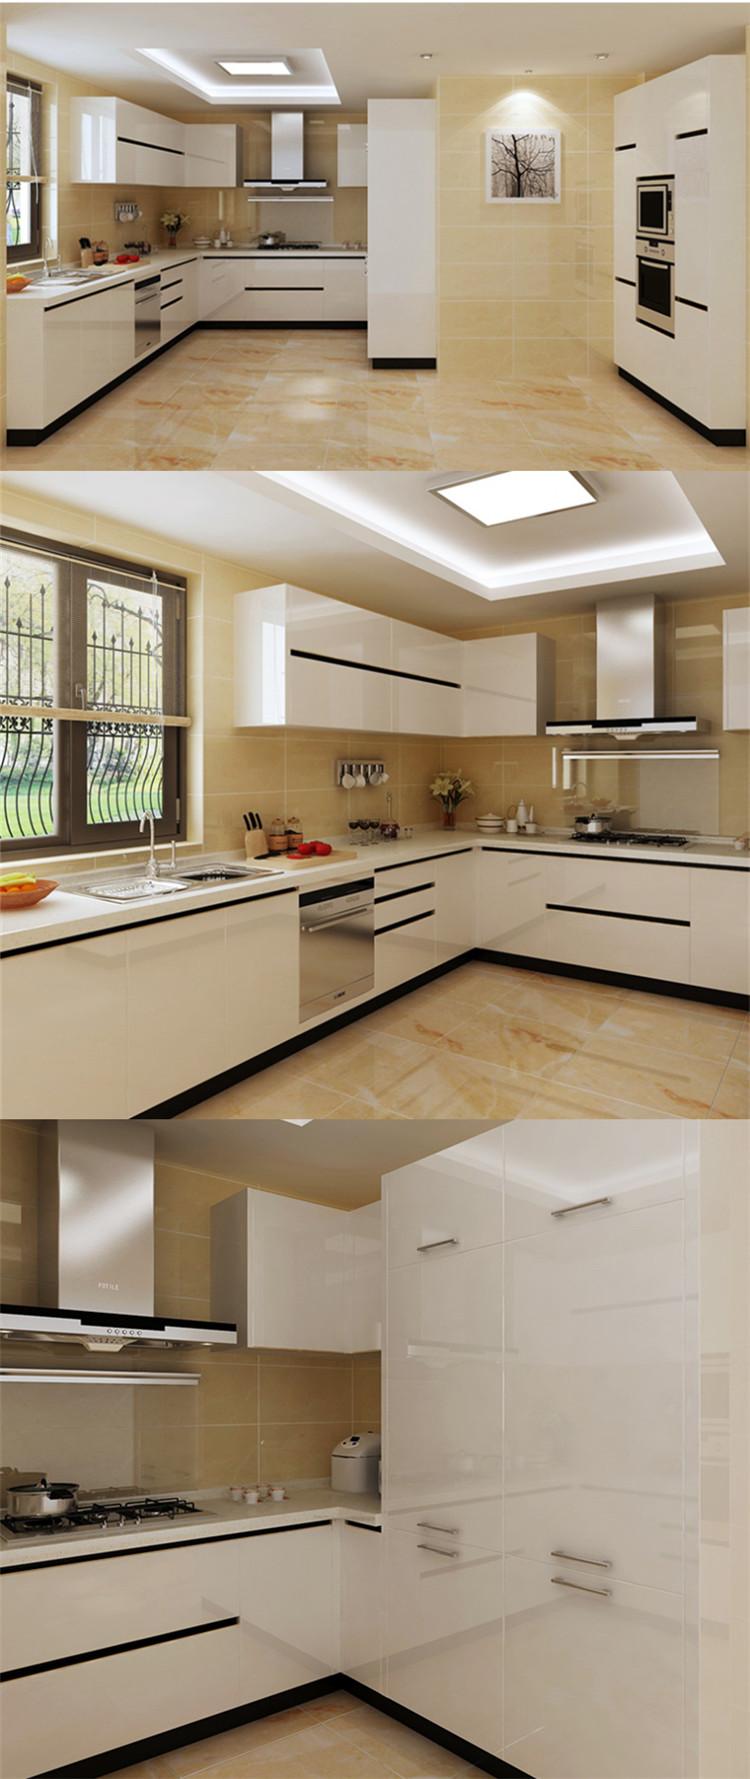 Pared Esquina Diagonal Cocina Moderna Diseños/diseño De Cocina - Buy  Diseños De Cocina Modernos,Diseño De Cocina,Diseños De Cocina Modernos De  Esquina ...